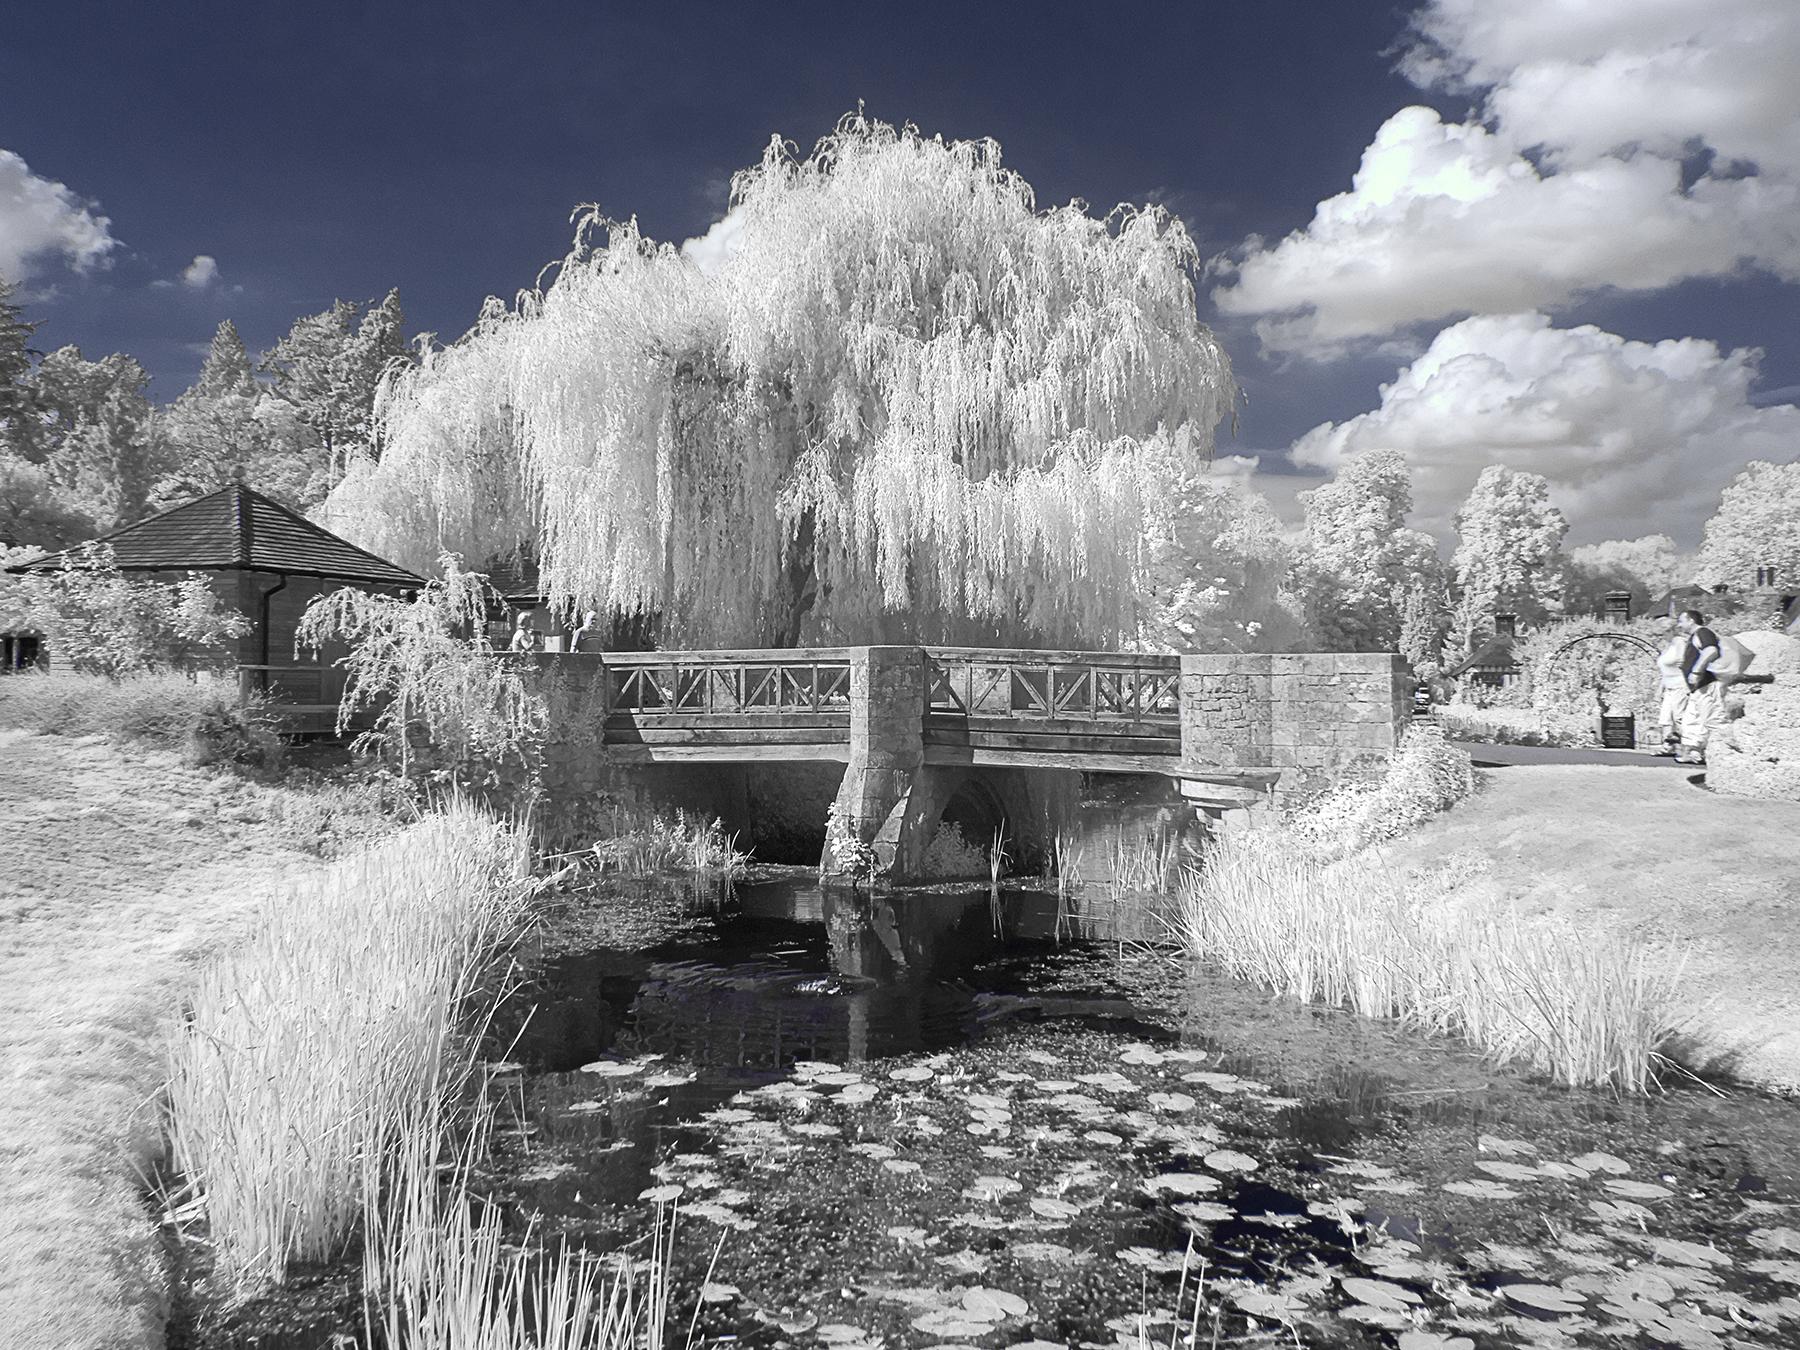 Bridge and Willow tree1661